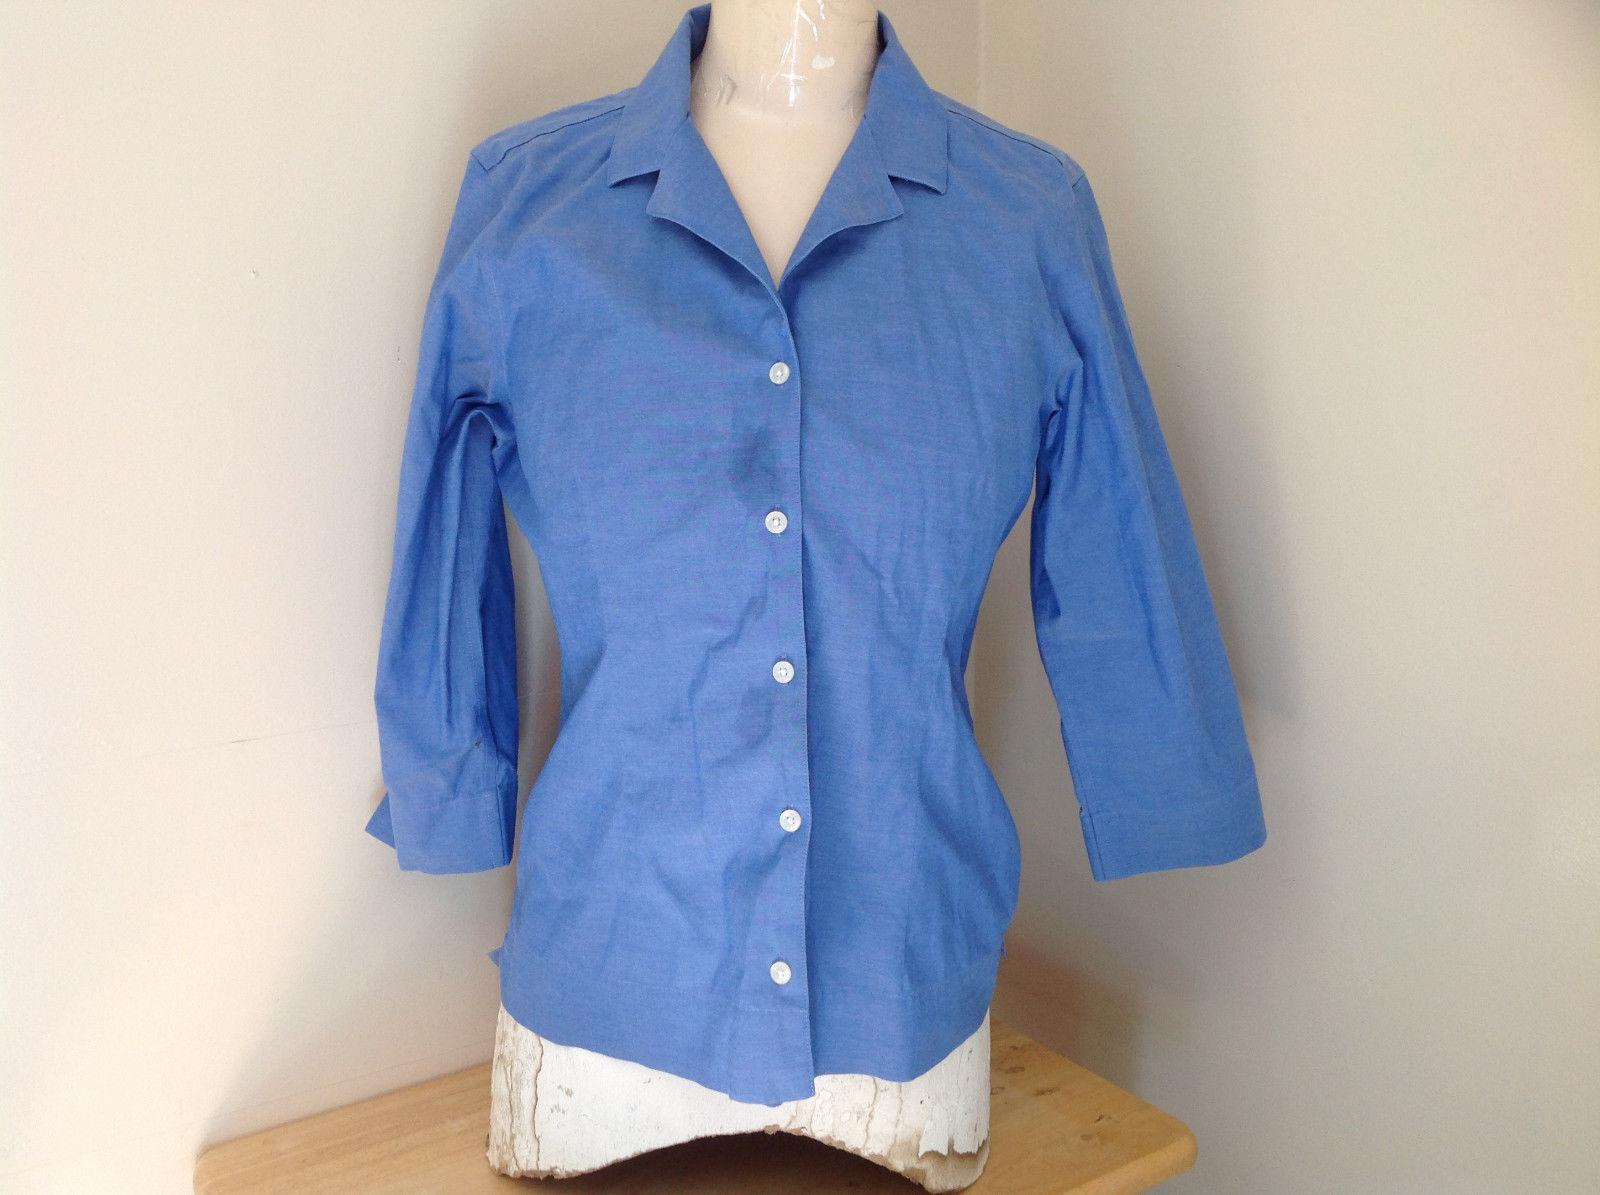 Lovely Eddie Bauer Blue Button Up Dress Shirt Made in Thailand Size Medium